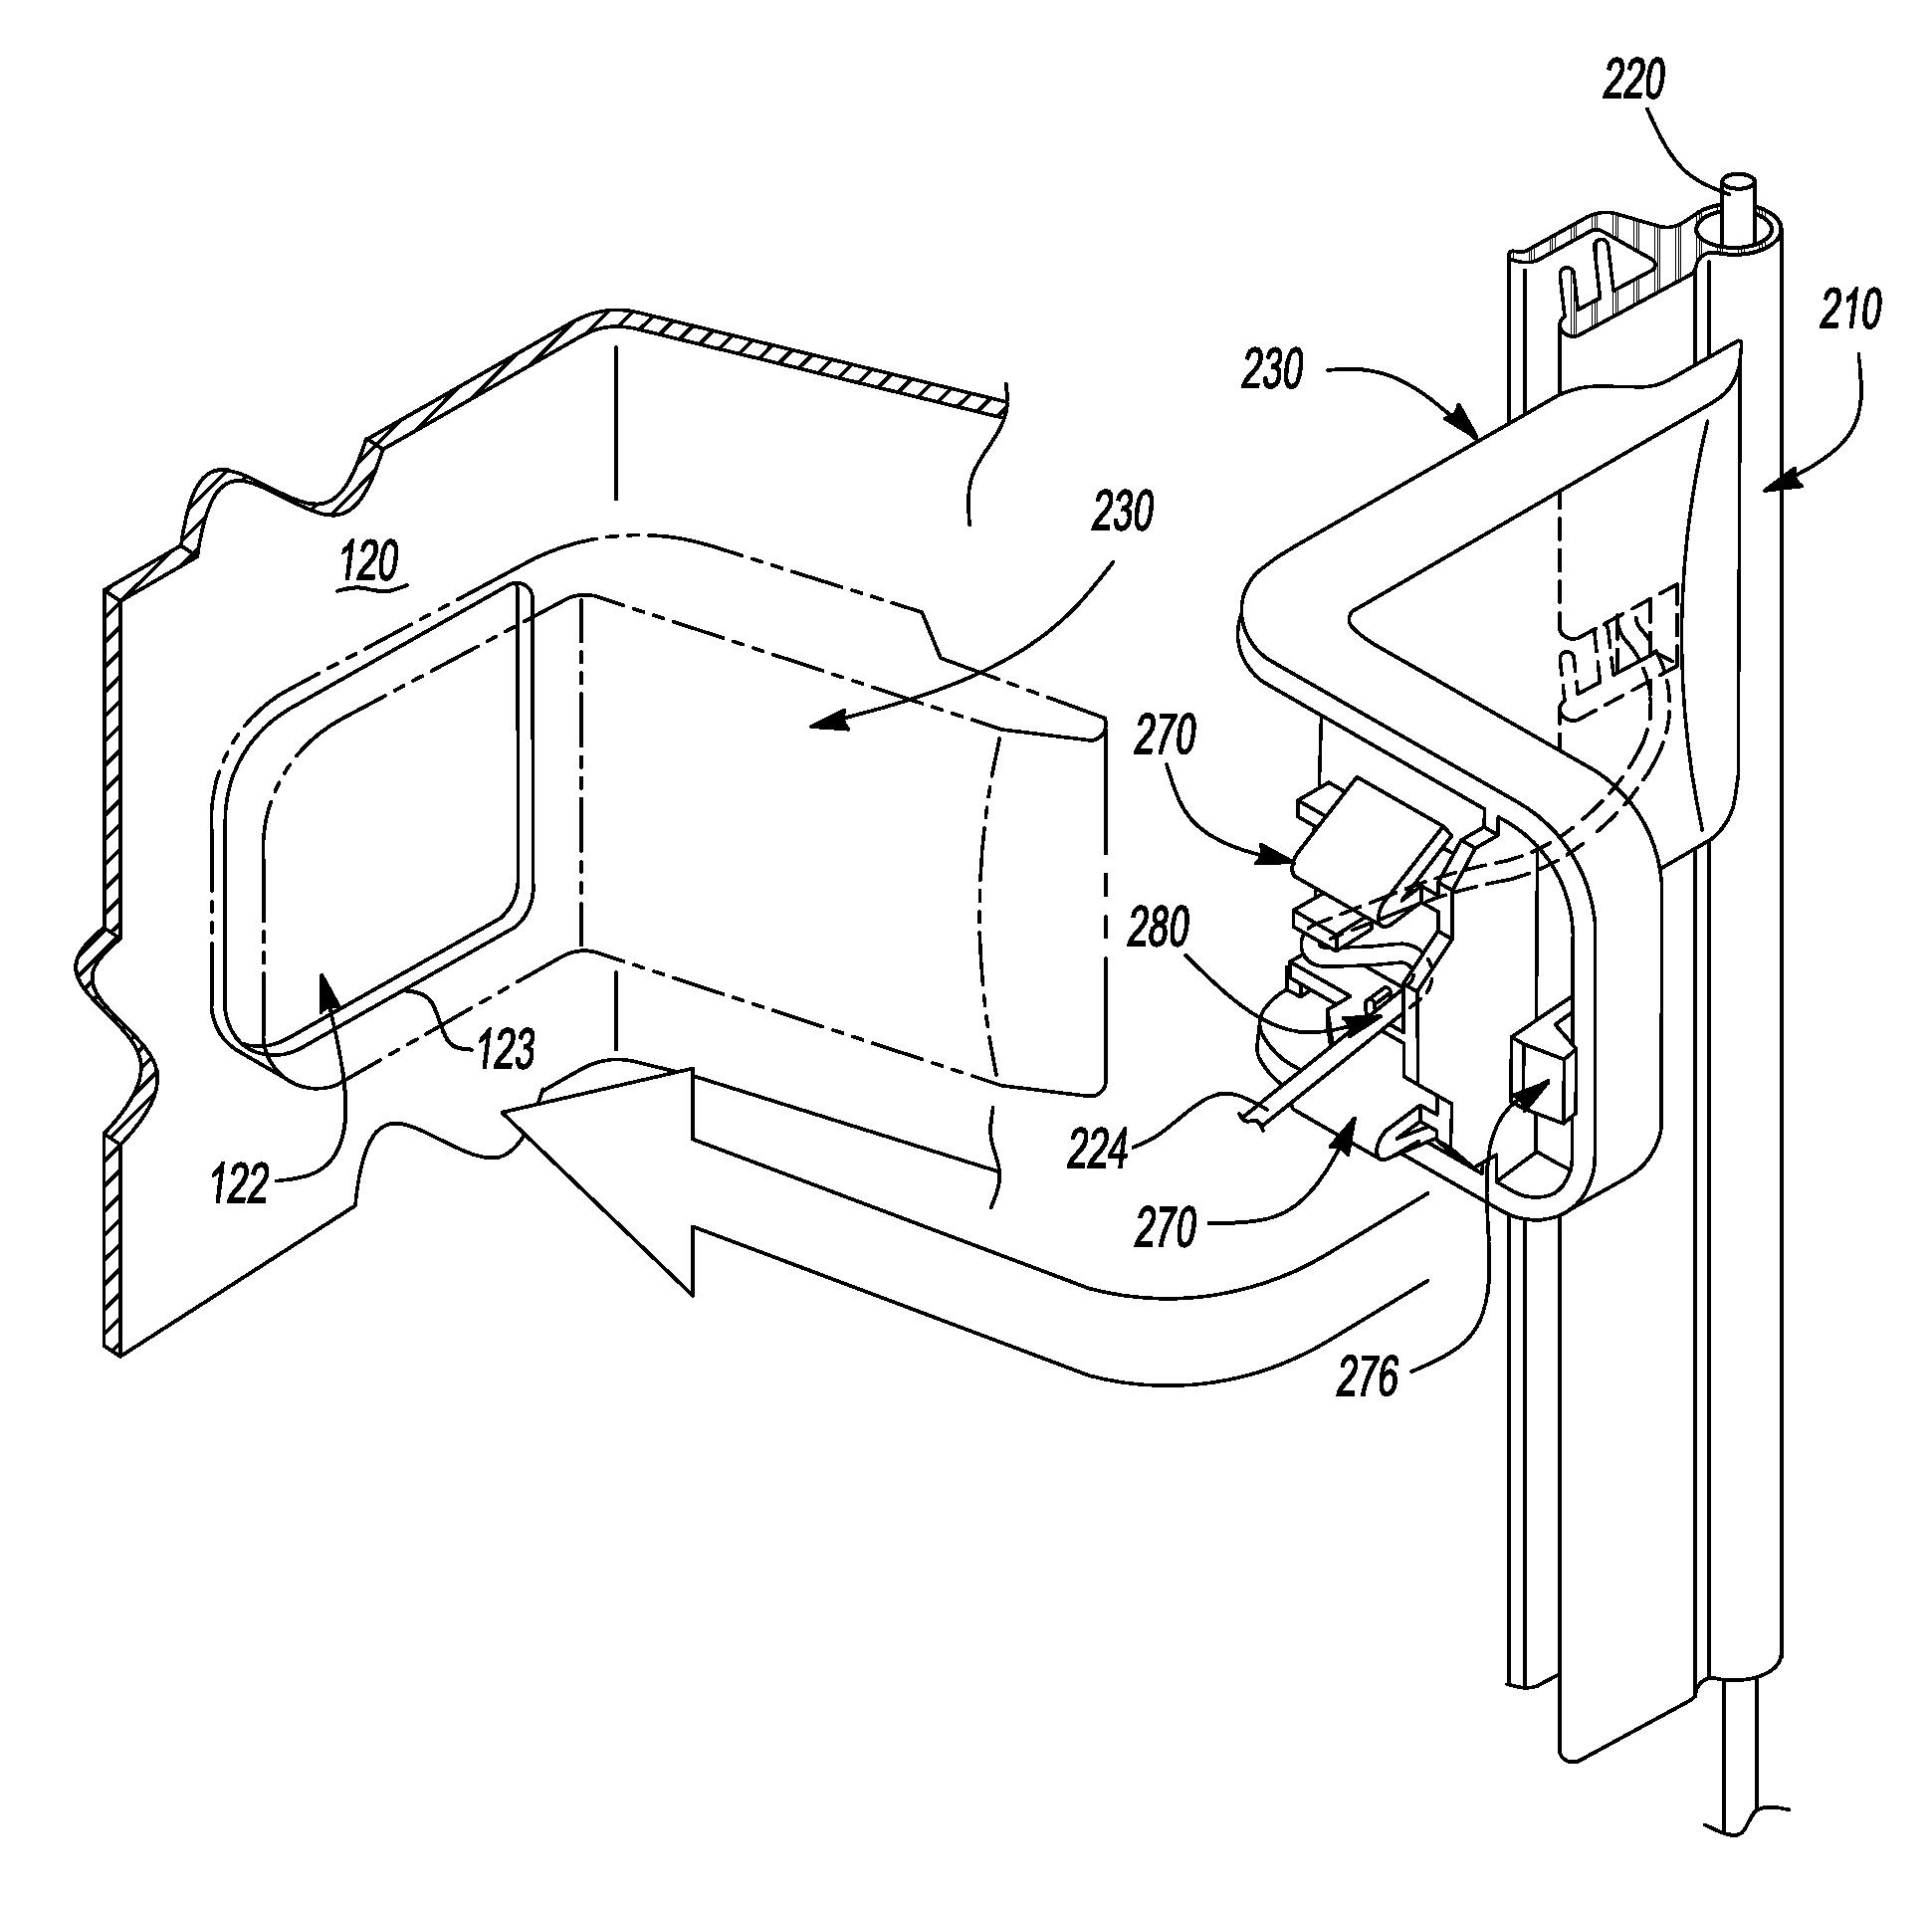 patent us8348330